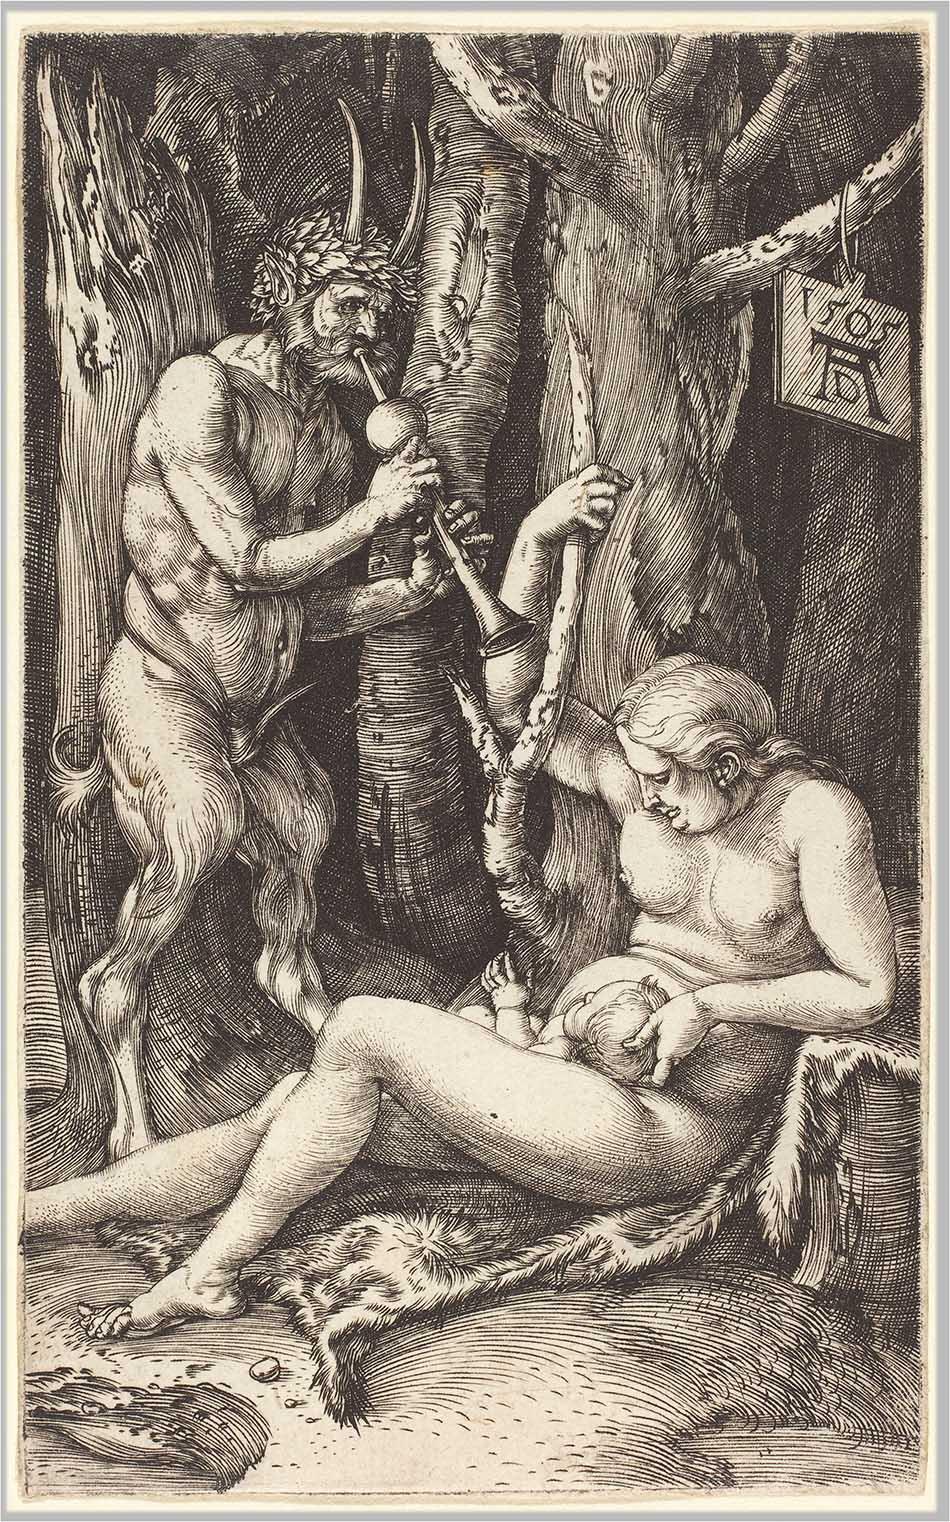 4969-036_albrecht durer_satyr family